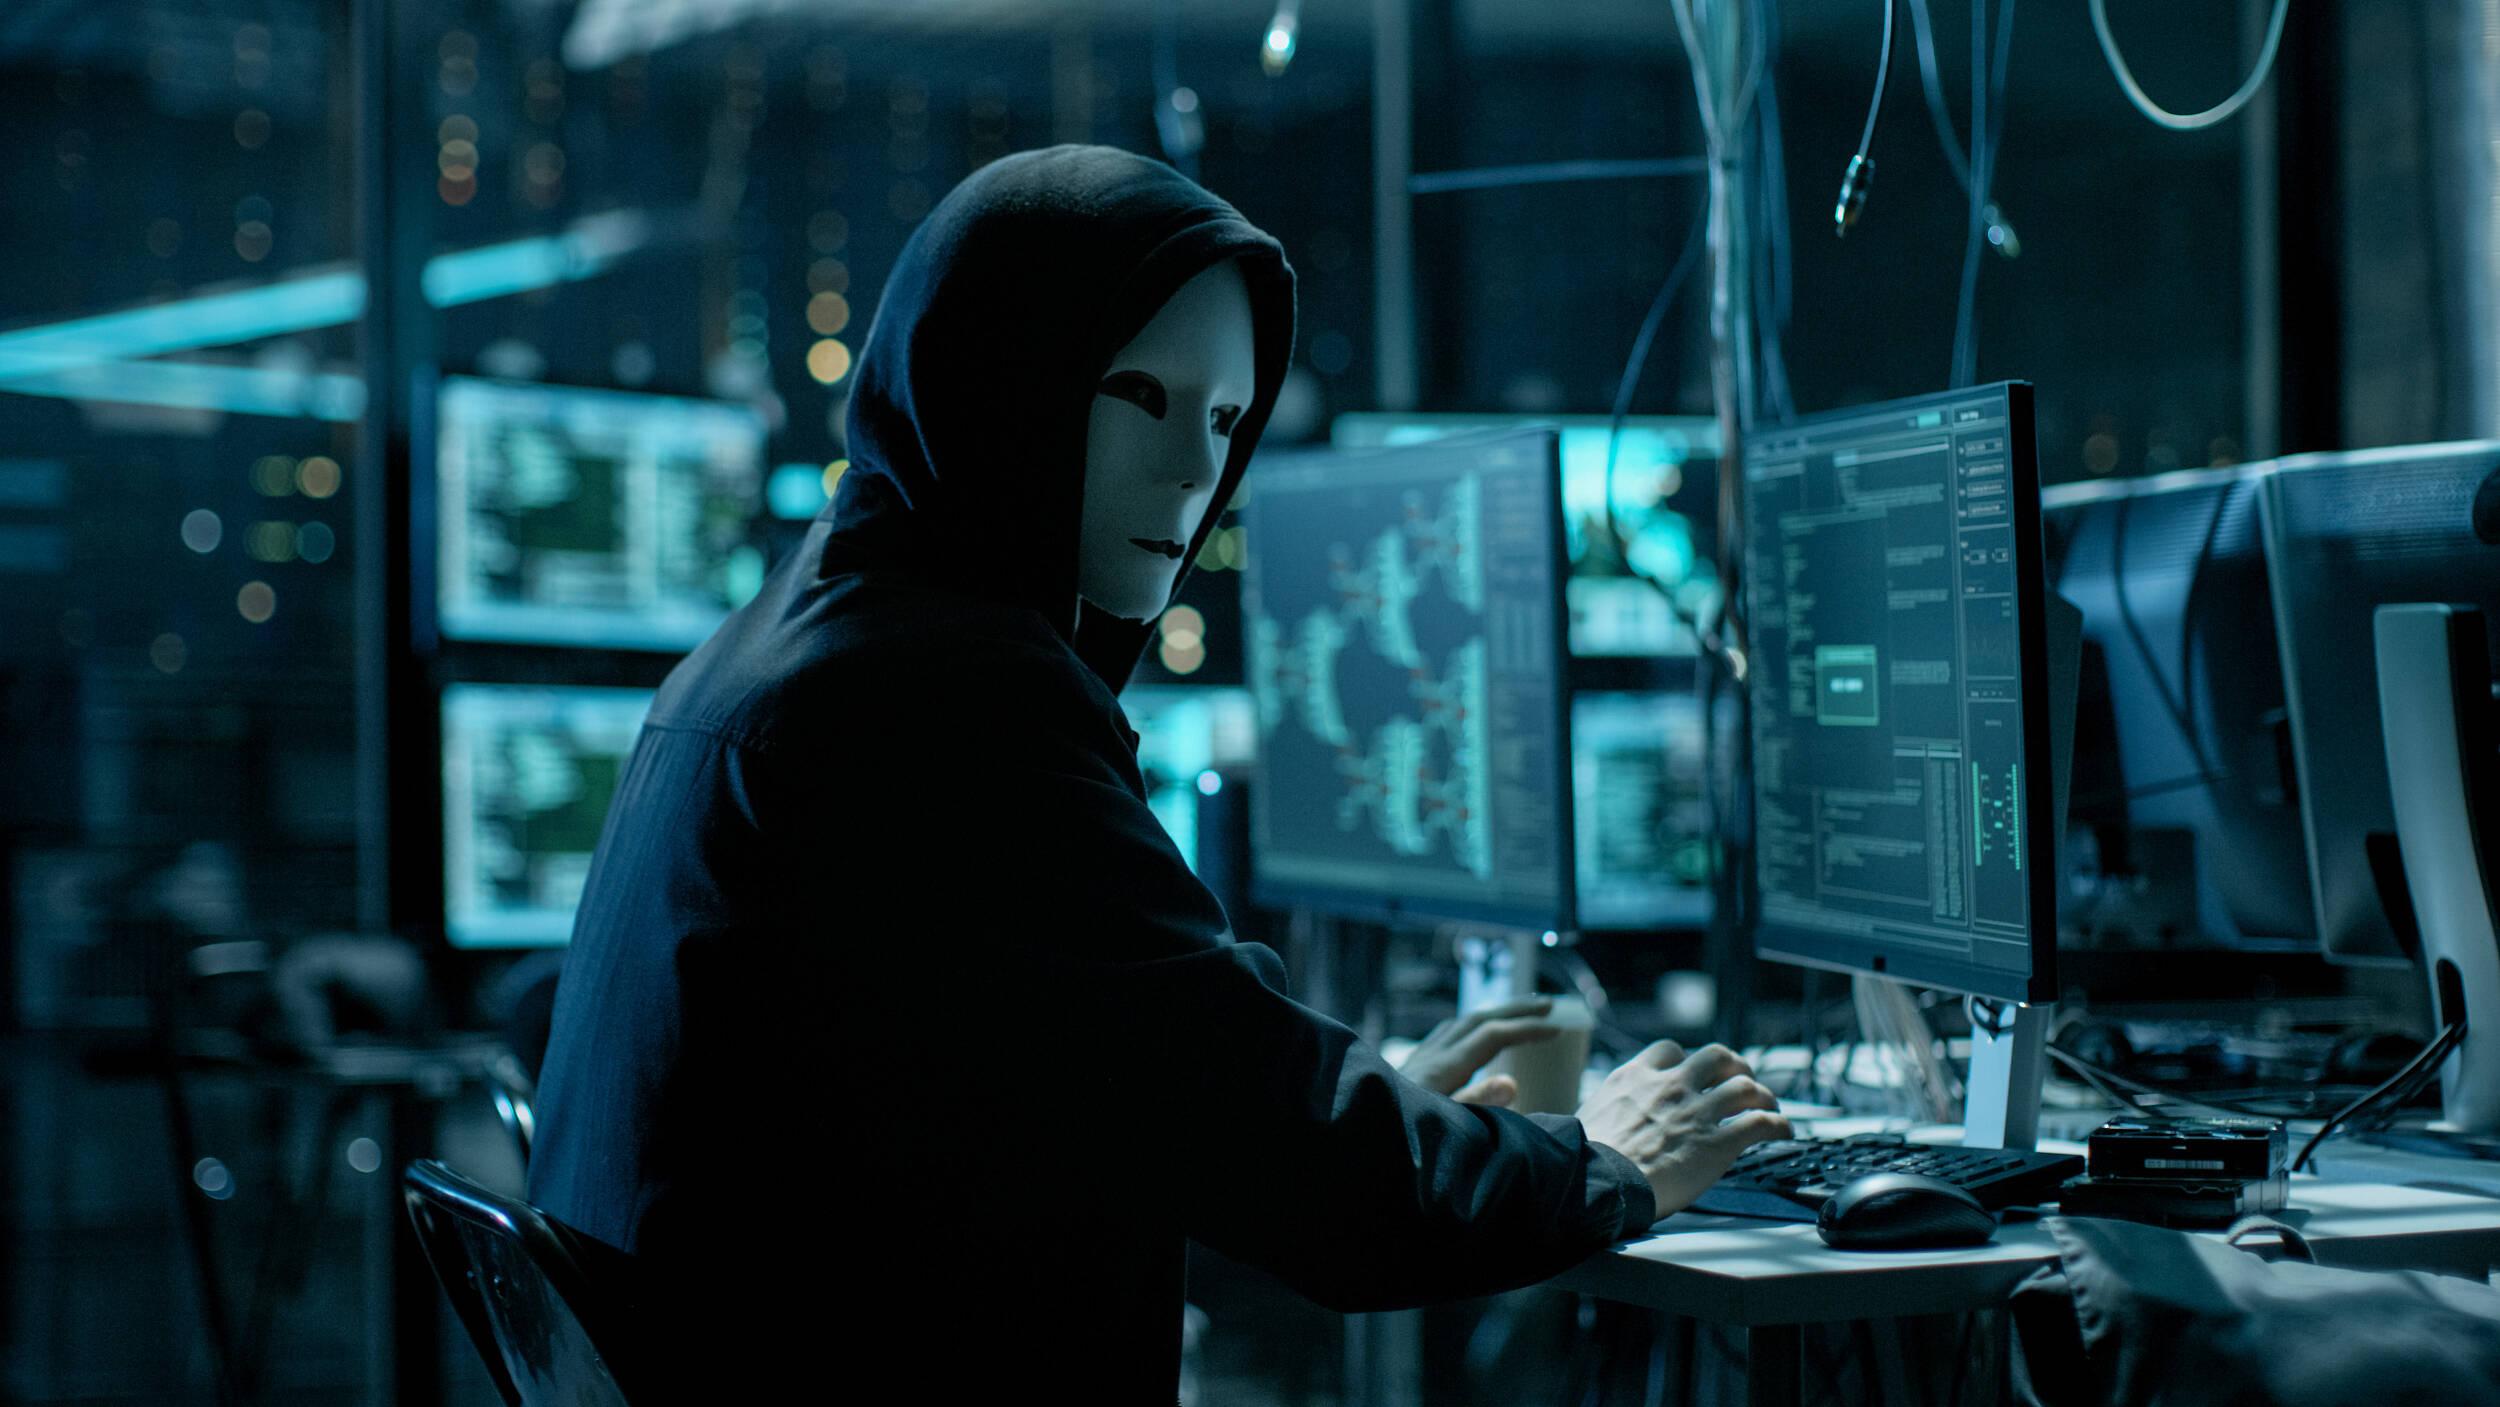 """谁""""偷""""走了你的隐私?②:七八百万条个人信息被售卖,部分流向境外诈骗团伙"""